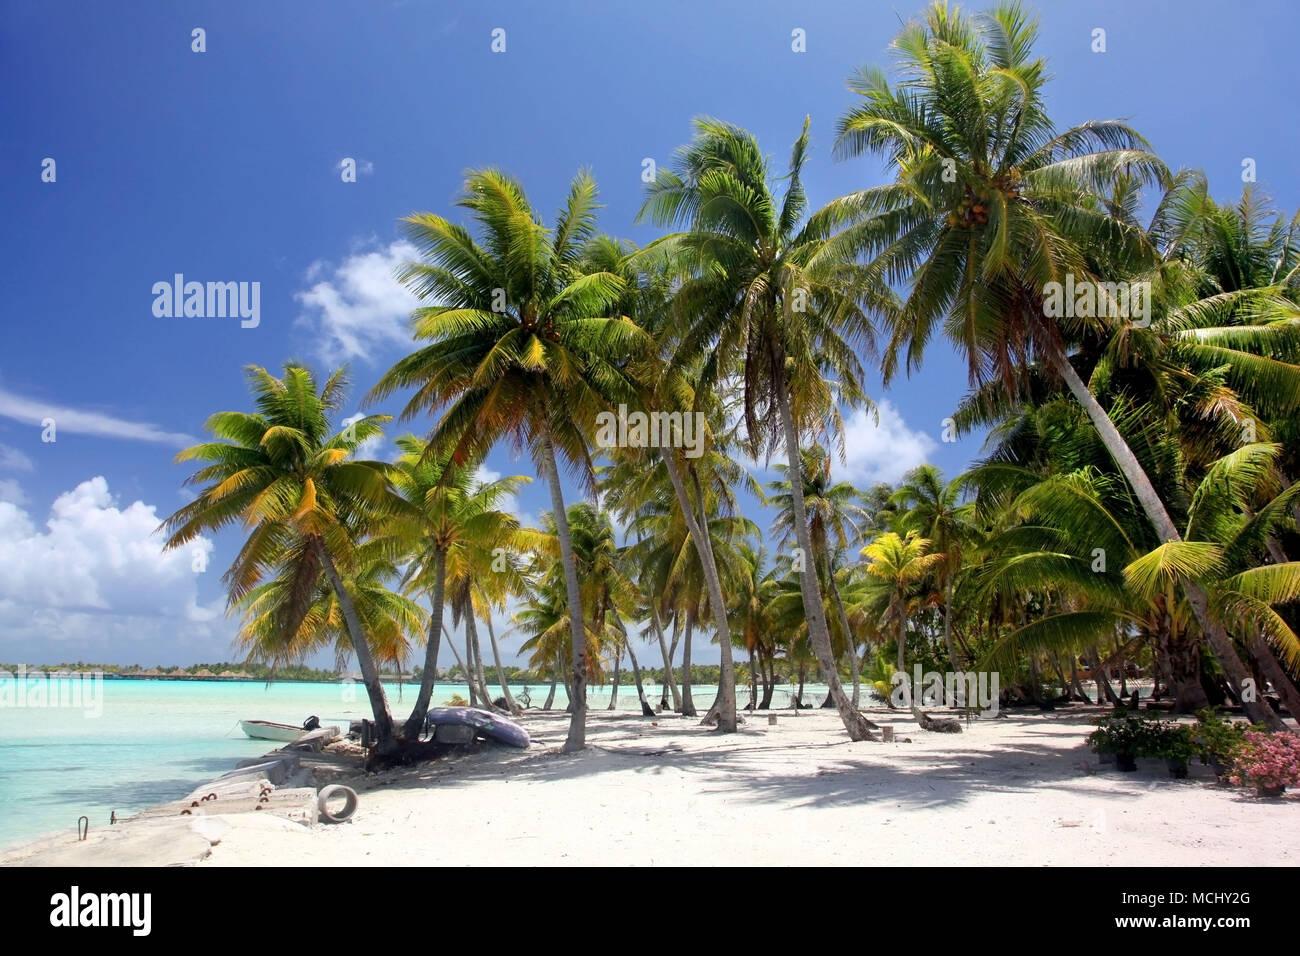 Tropical beach with palm trees, Bora Bora, French Polynesia. - Stock Image